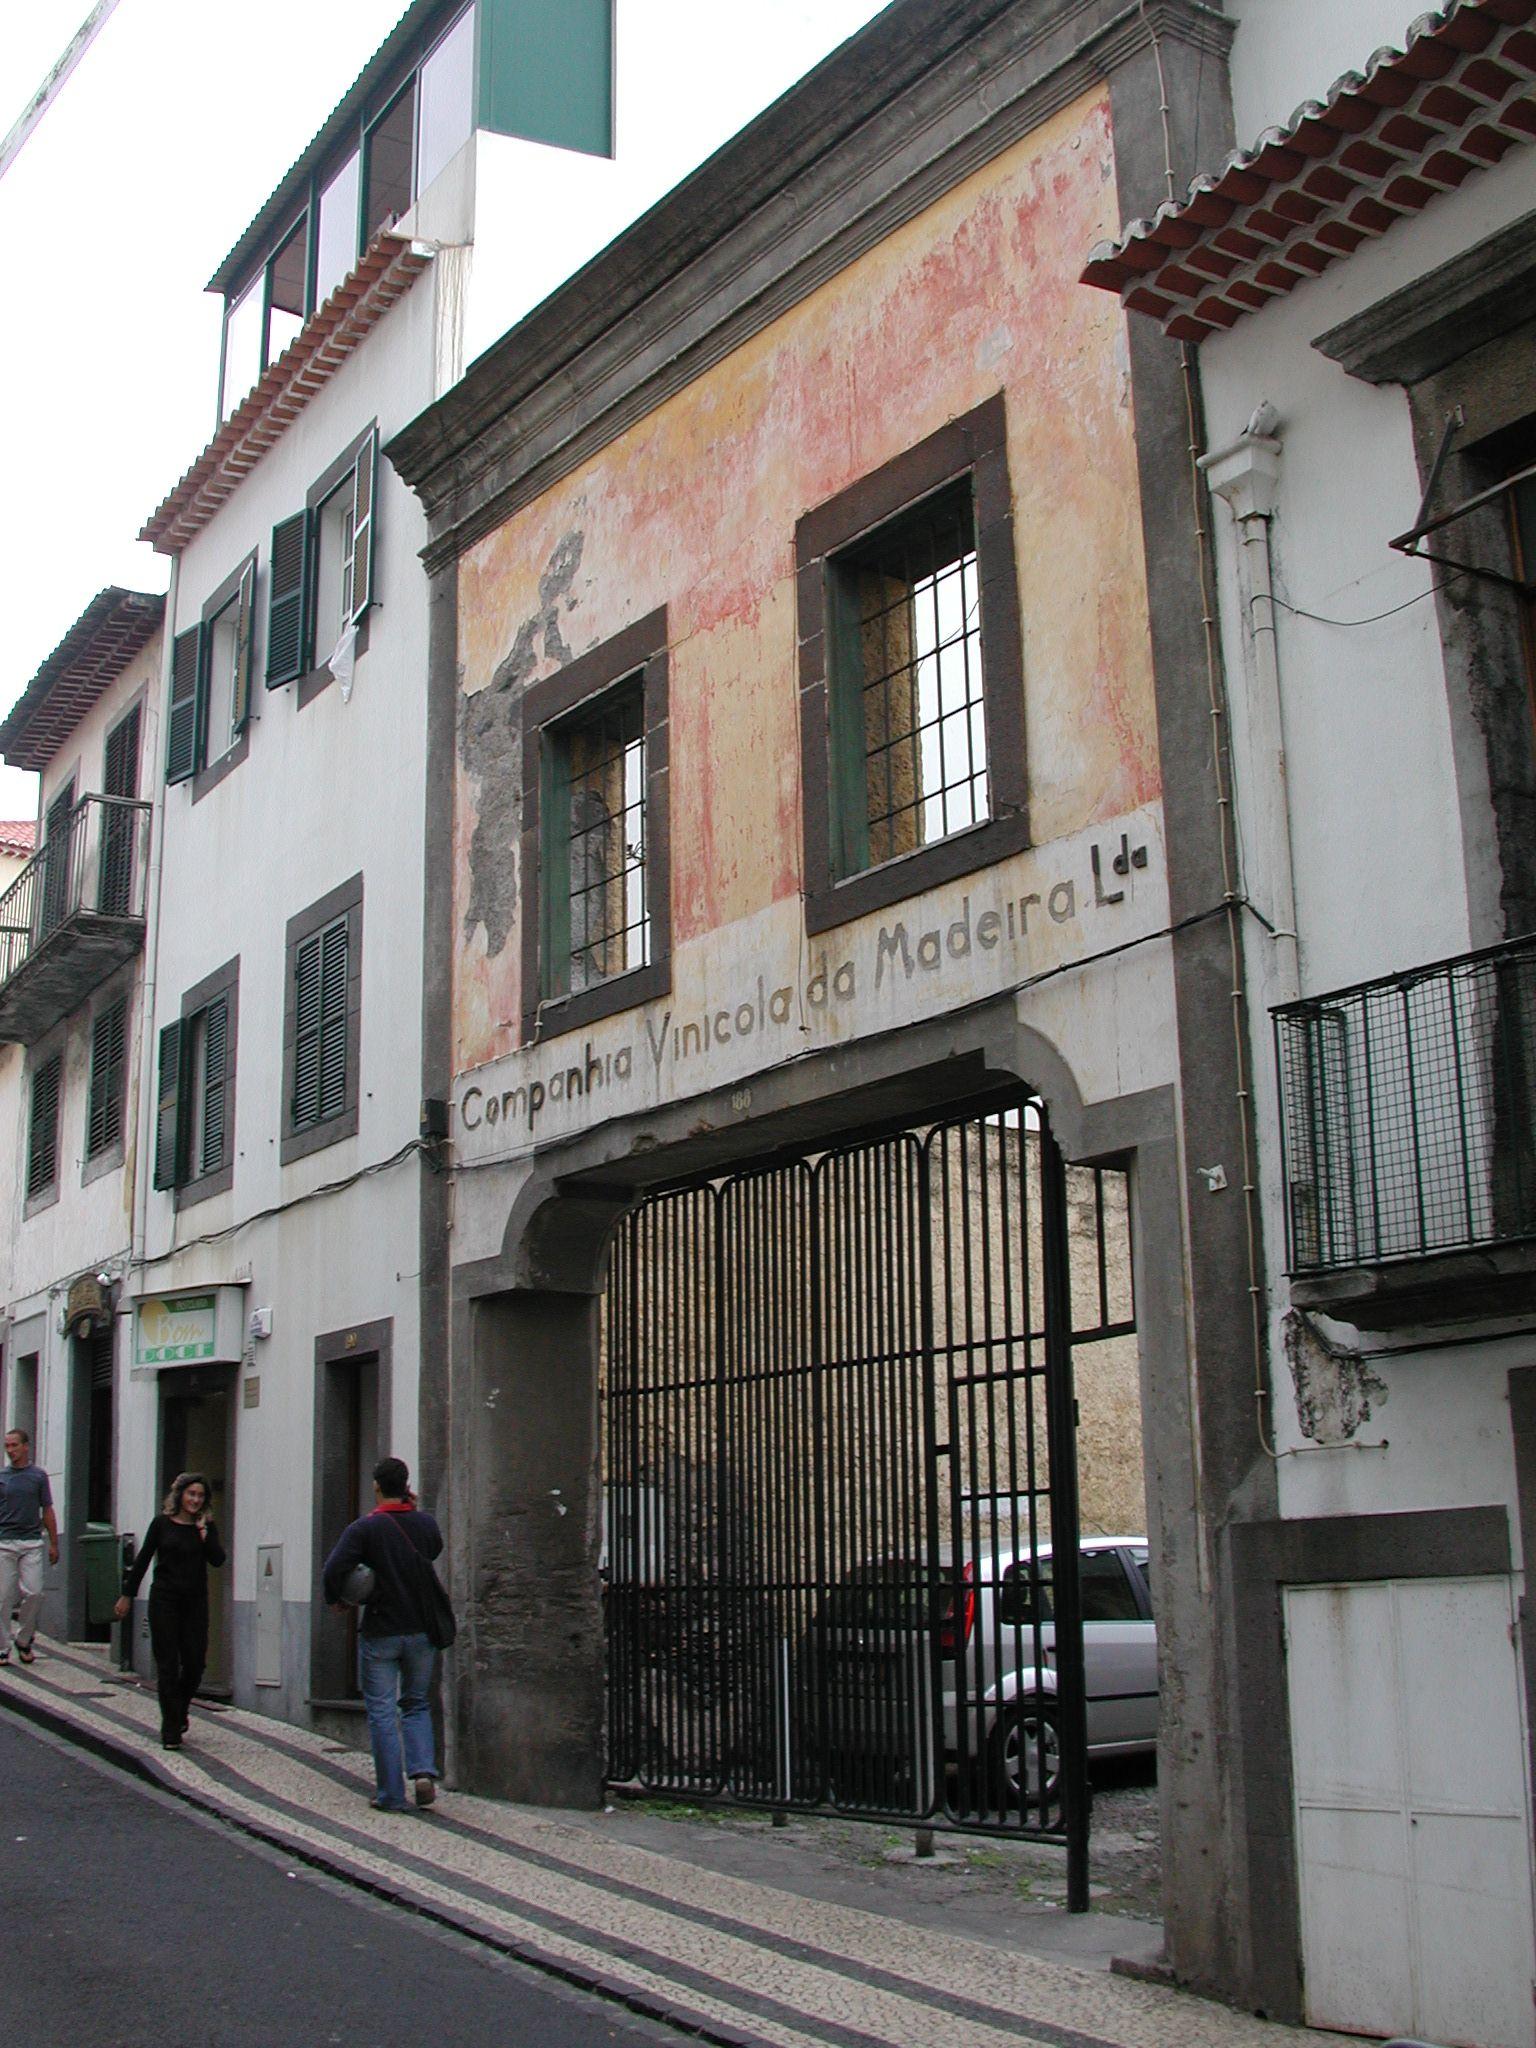 Comphania Vinicola da Madeira, Portugal